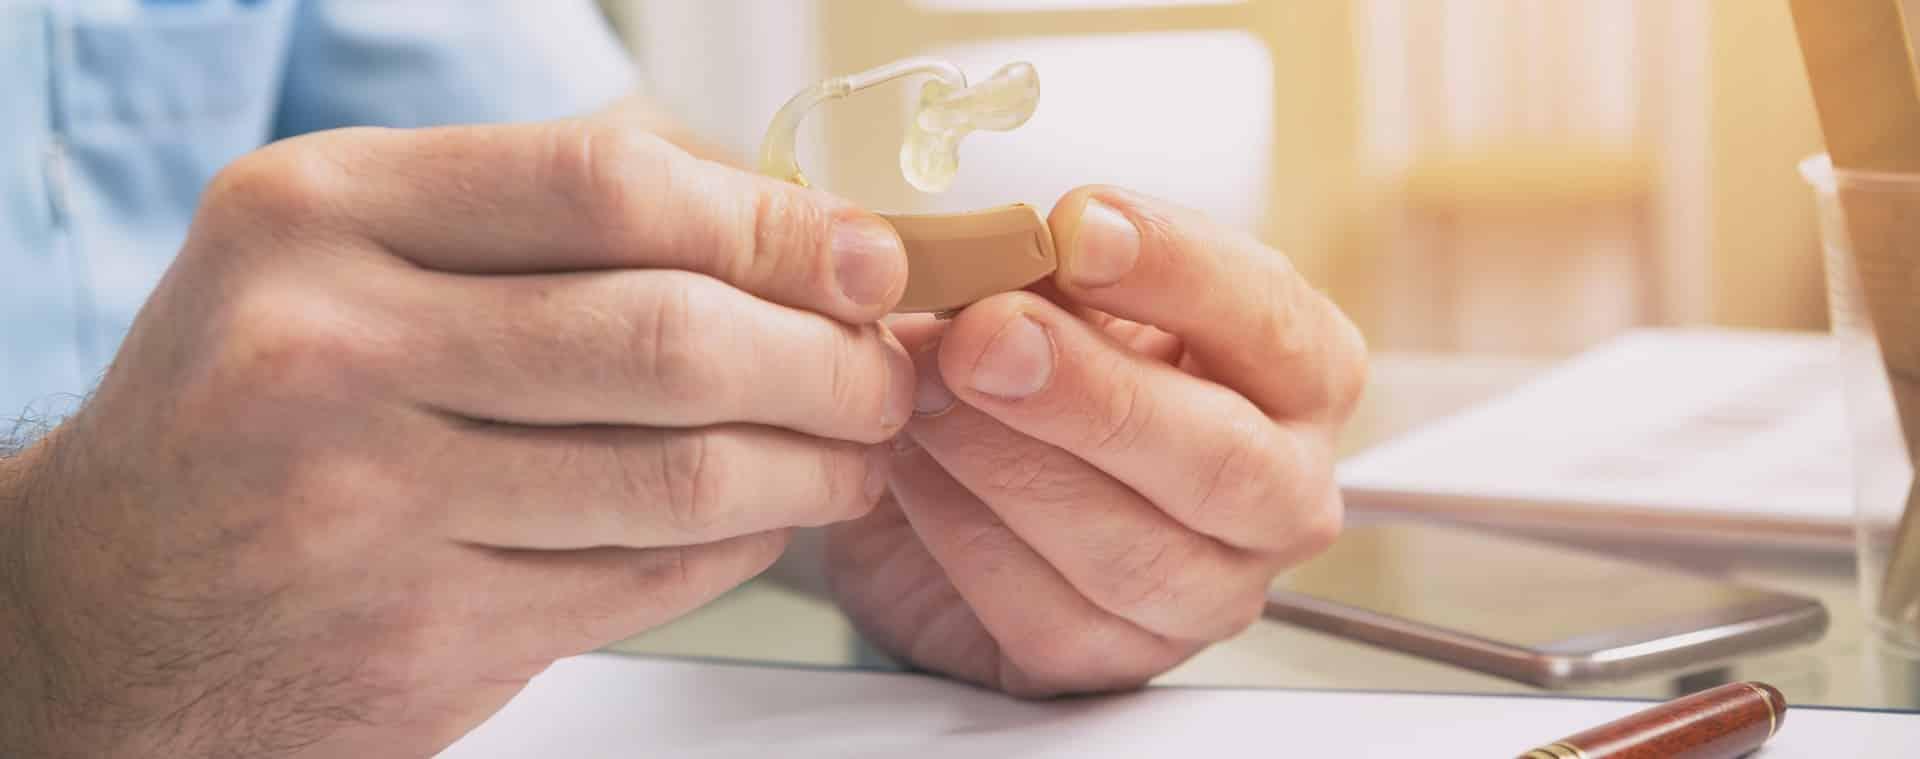 L'examination d'une prothèse auditive